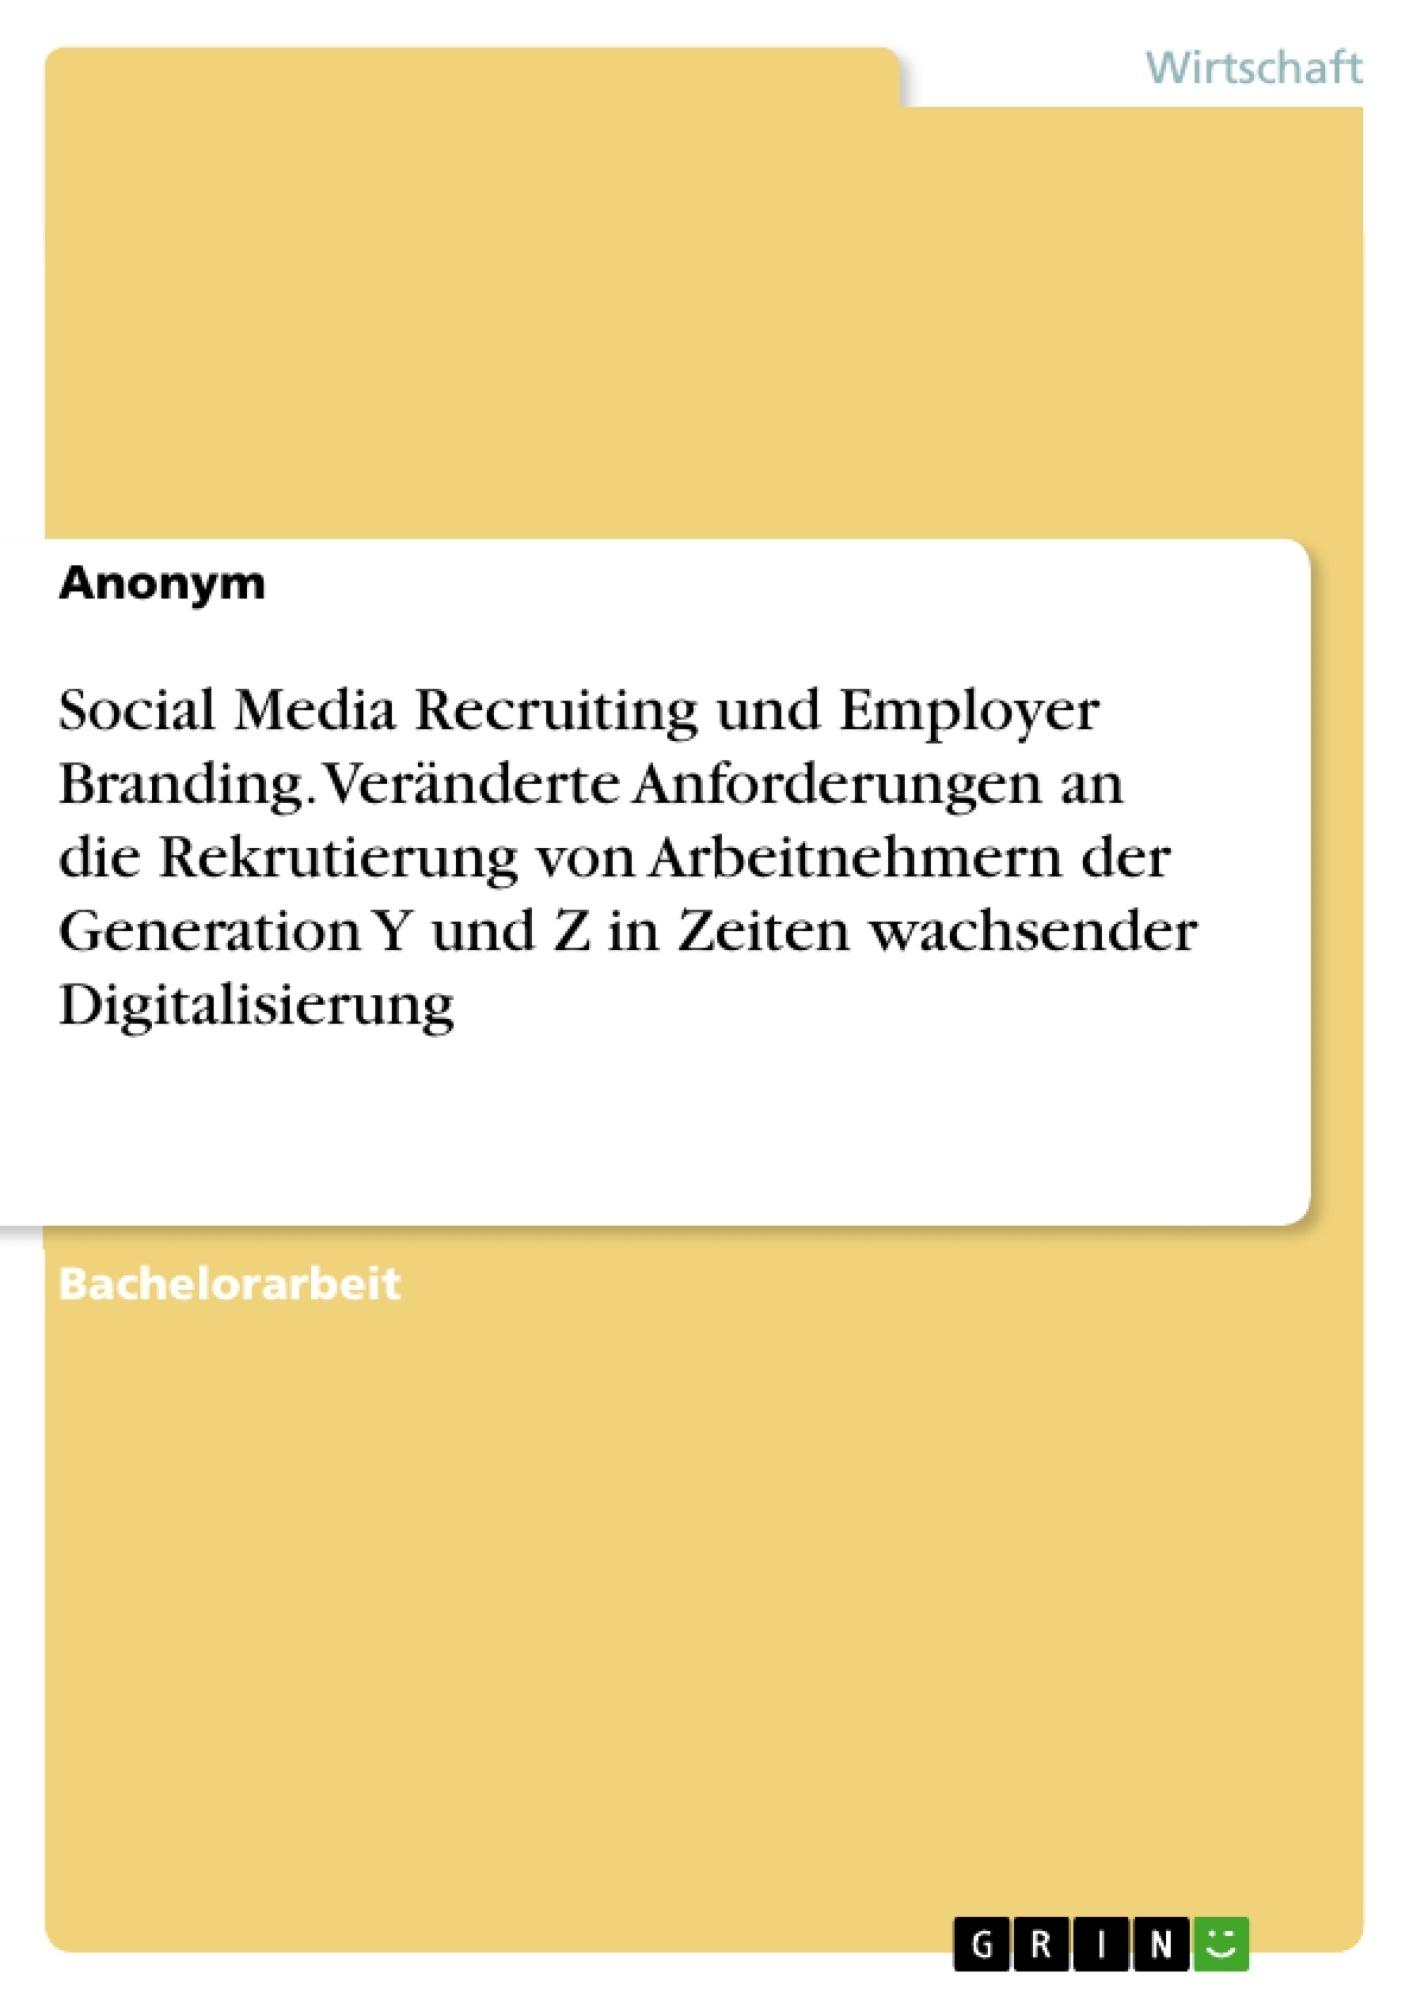 Titel: Social Media Recruiting und Employer Branding. Veränderte Anforderungen an die Rekrutierung von Arbeitnehmern der Generation Y und Z in Zeiten wachsender Digitalisierung